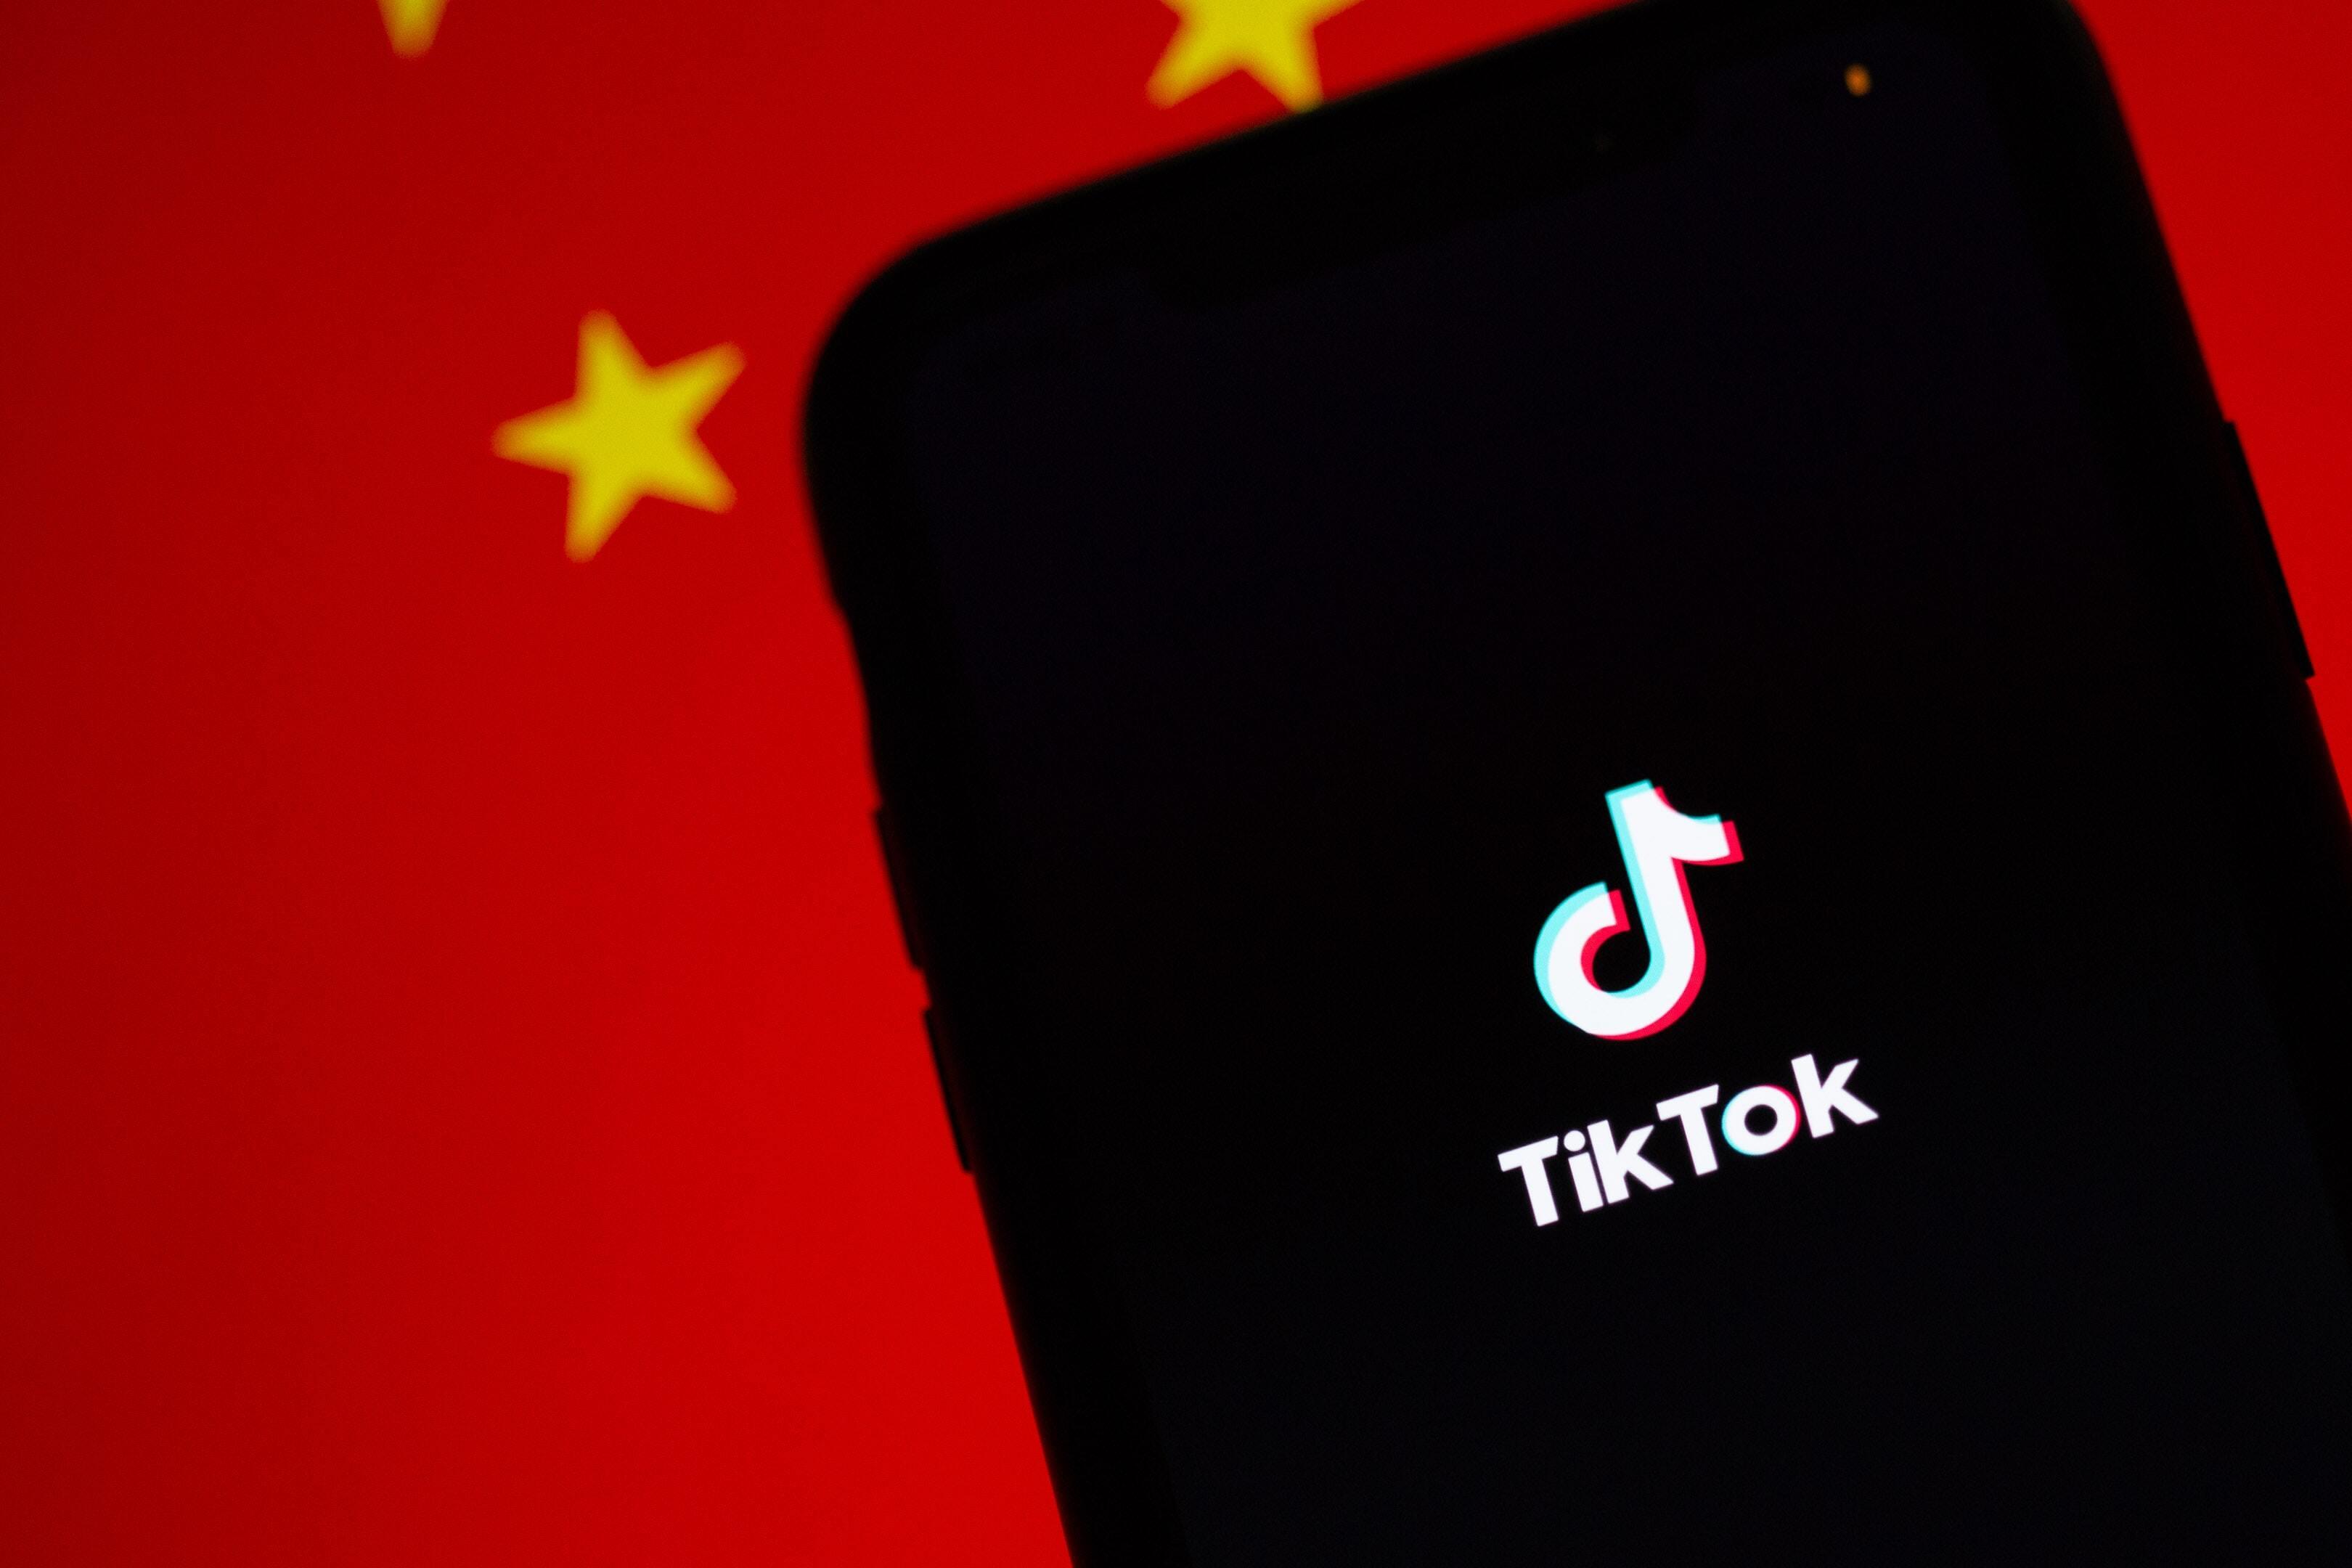 TikTok добавил ограничение по времени для детей в Китае